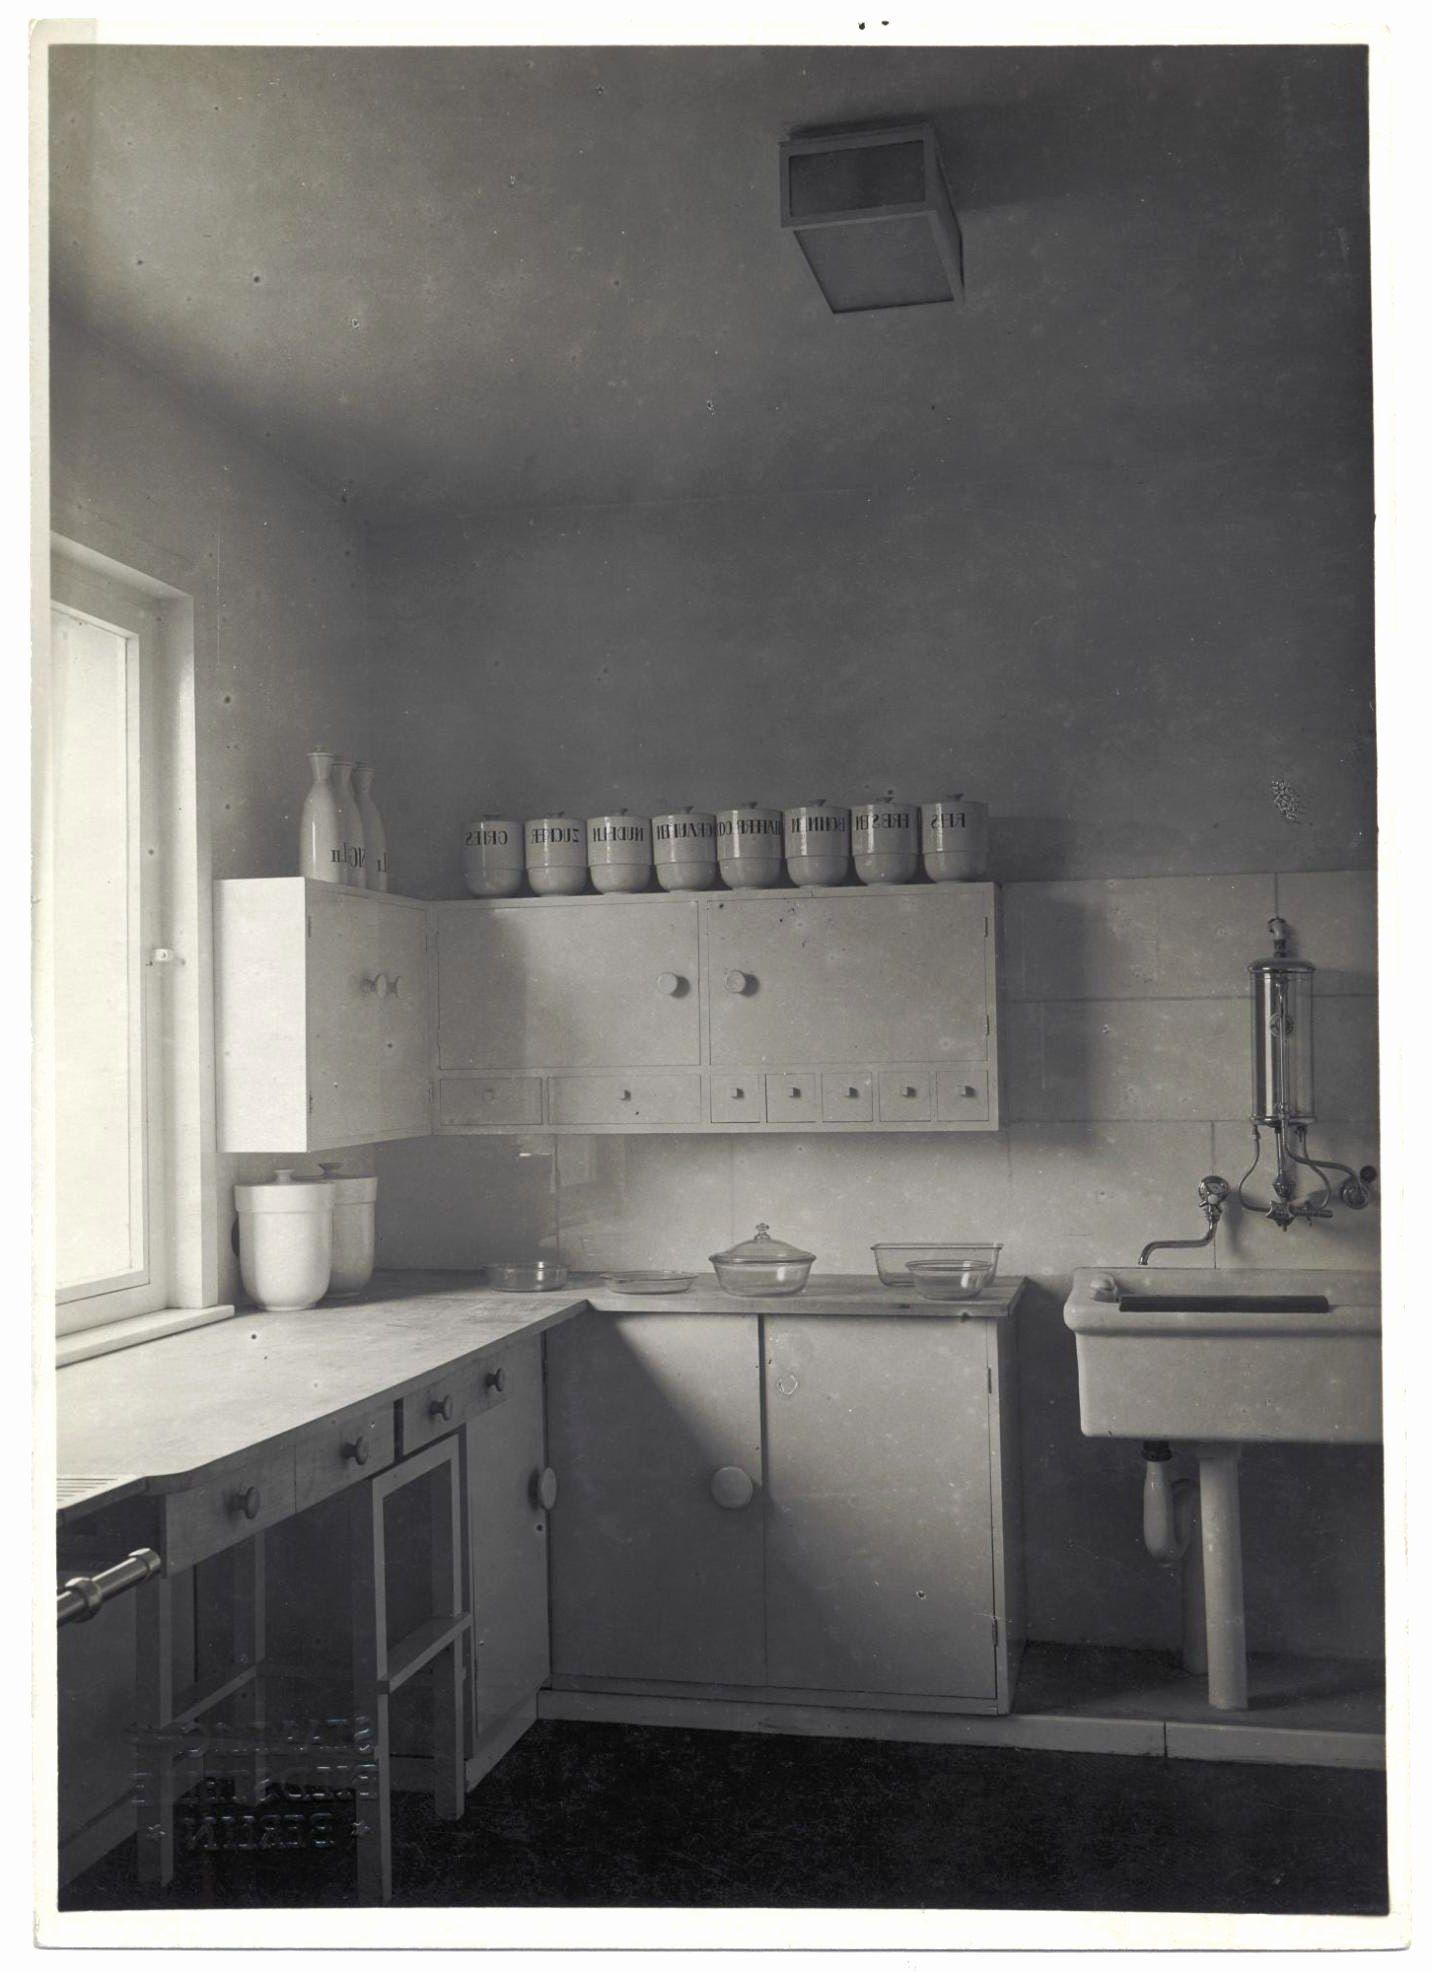 45 Neu Kuche Keramik Arbeitsplatte Preis Kitchen Kitchen Cabinets Home Decor